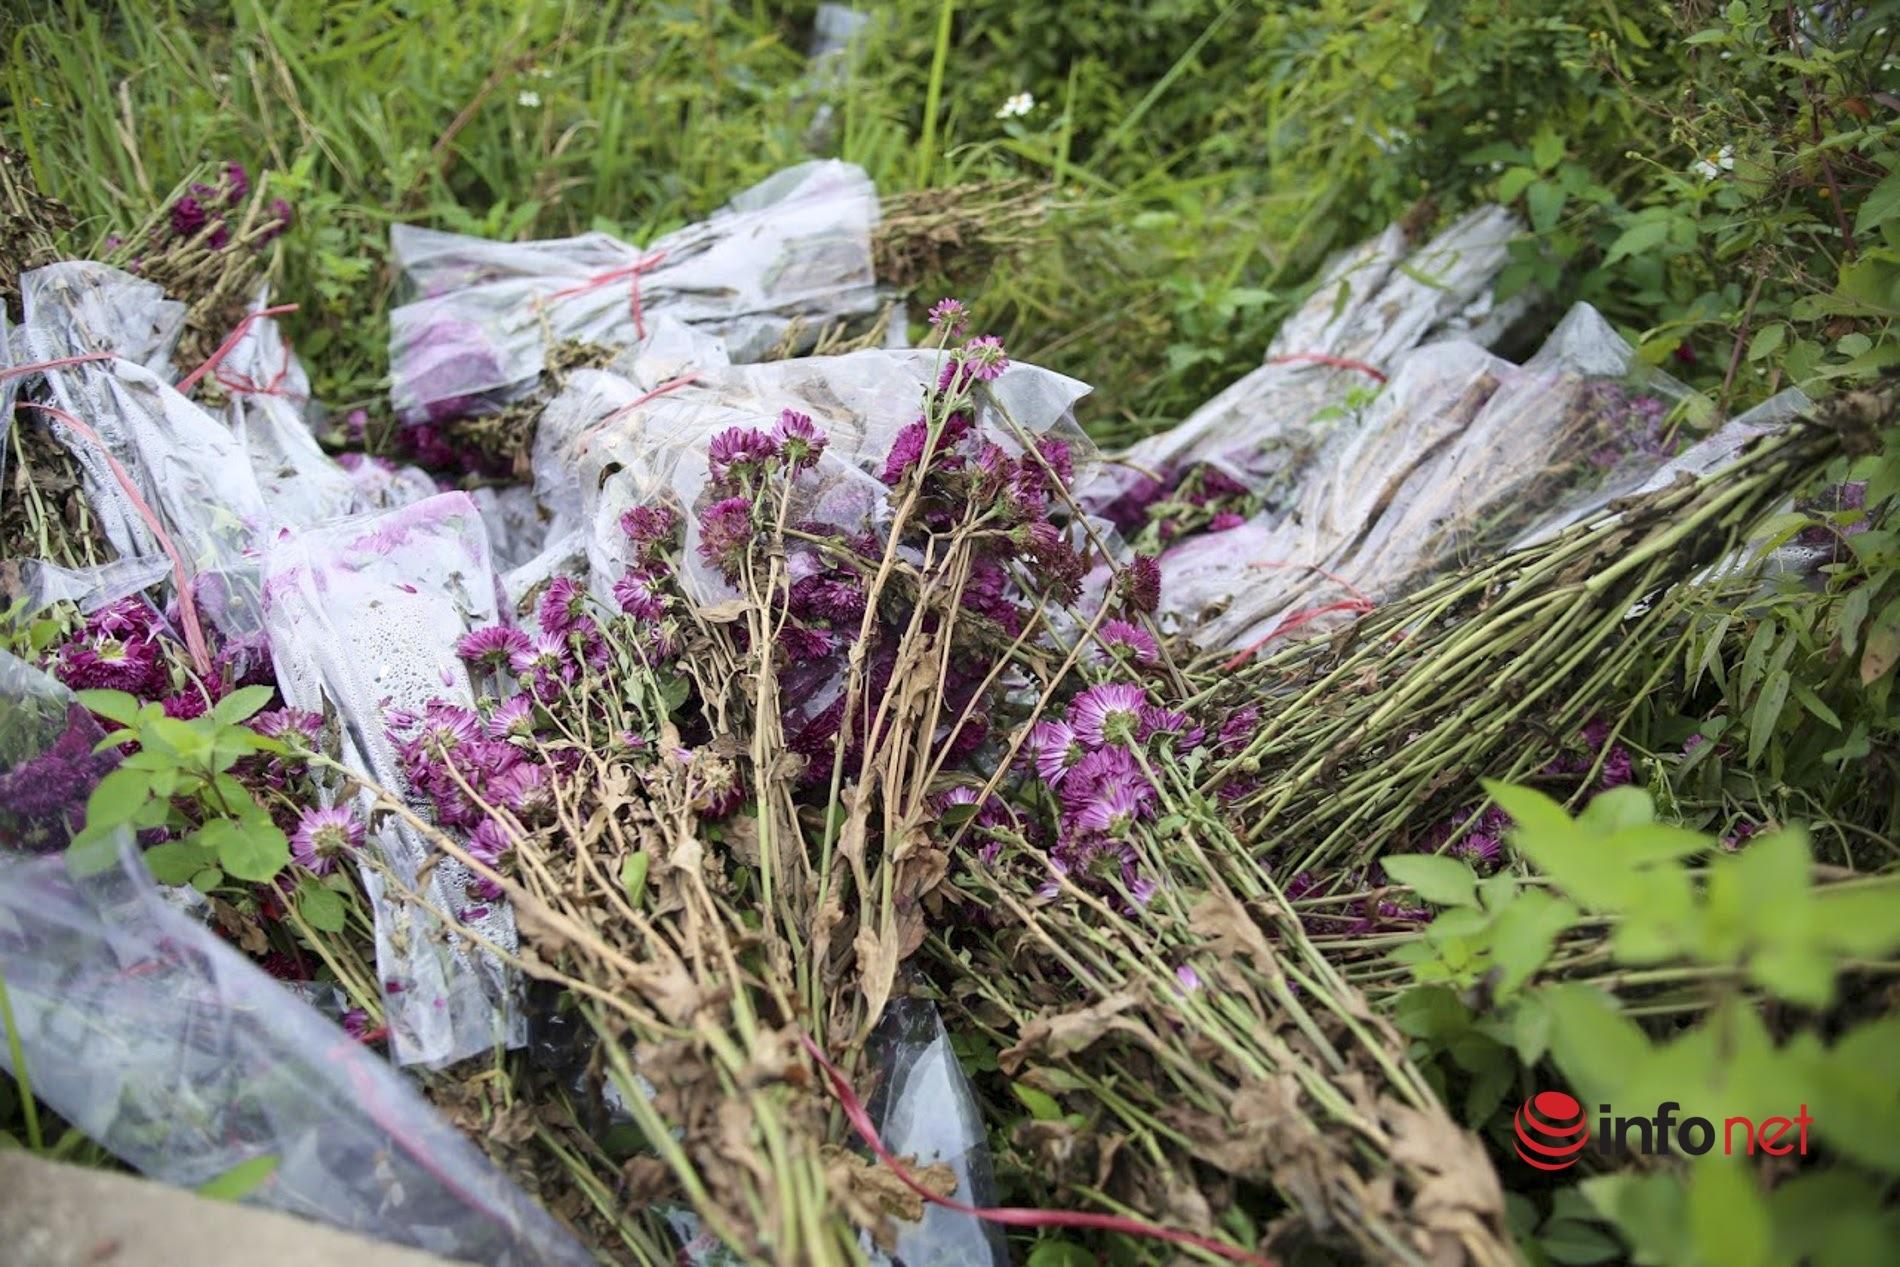 Làng trồng hoa nổi tiếng ở Hà Nội ế ẩm, dân khóc ròng cắt hoa vứt đầy ruộng